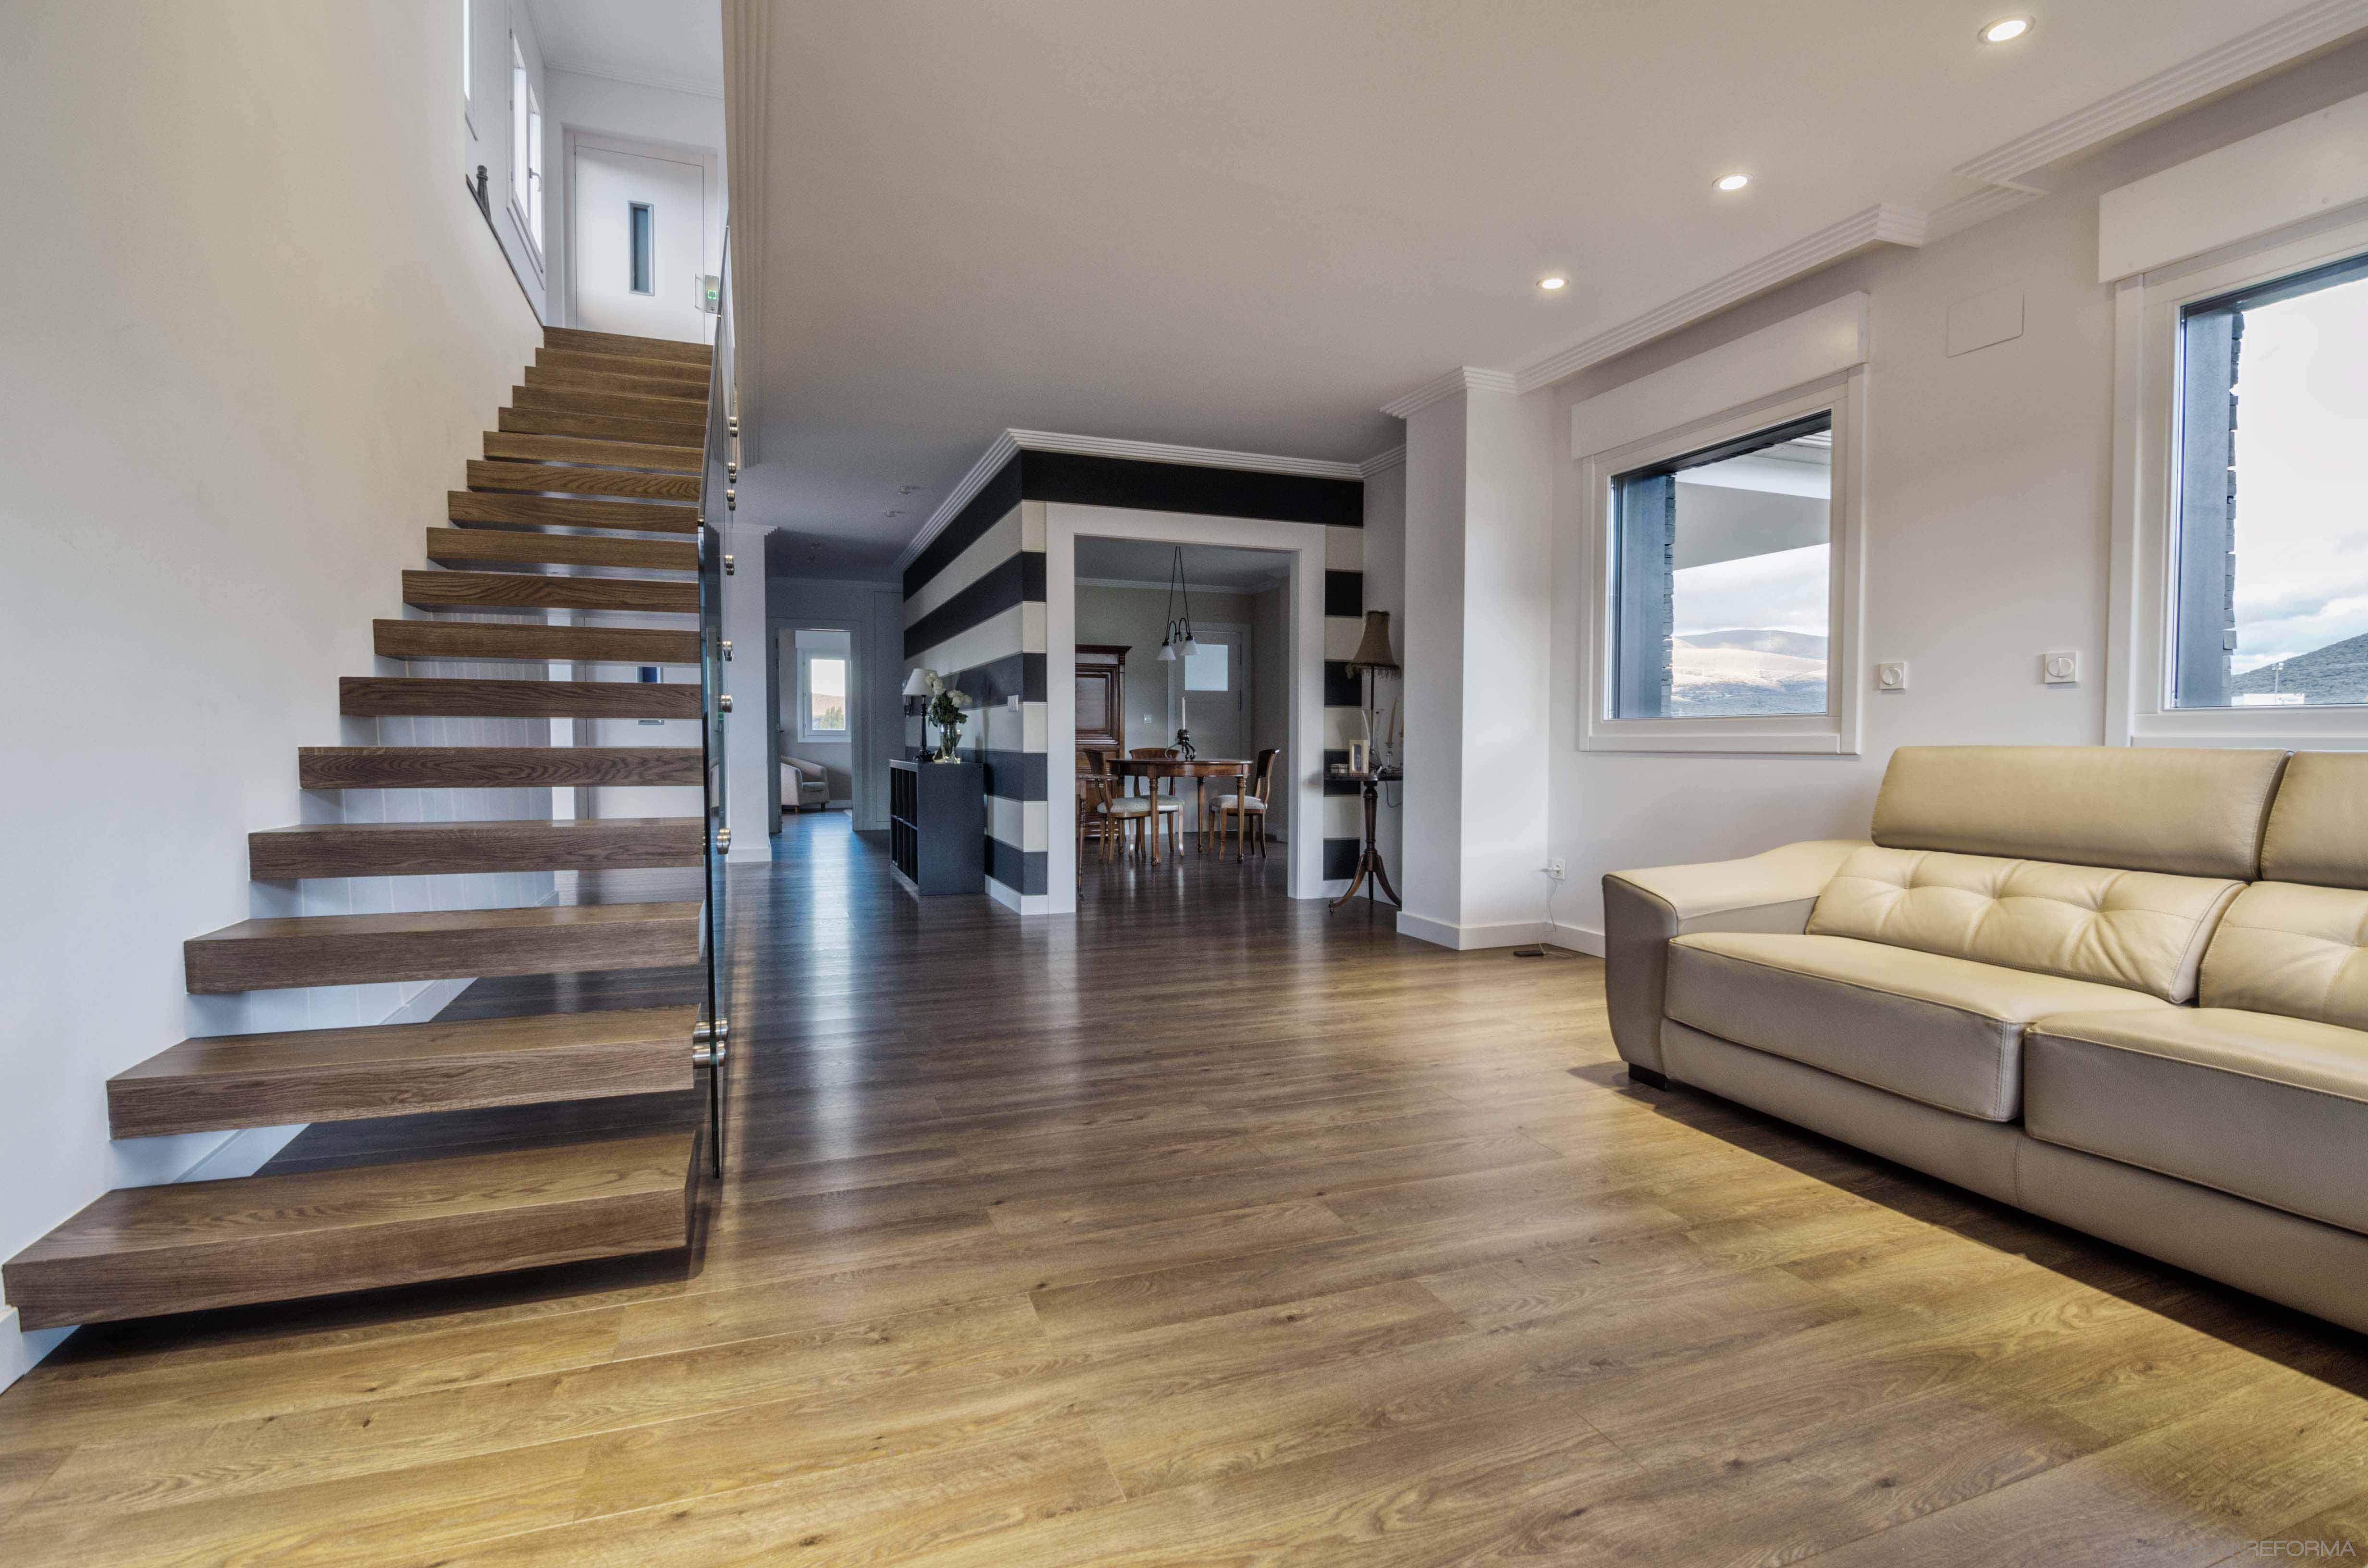 Salon escalera estilo moderno color beige marron marron for Escaleras de salon